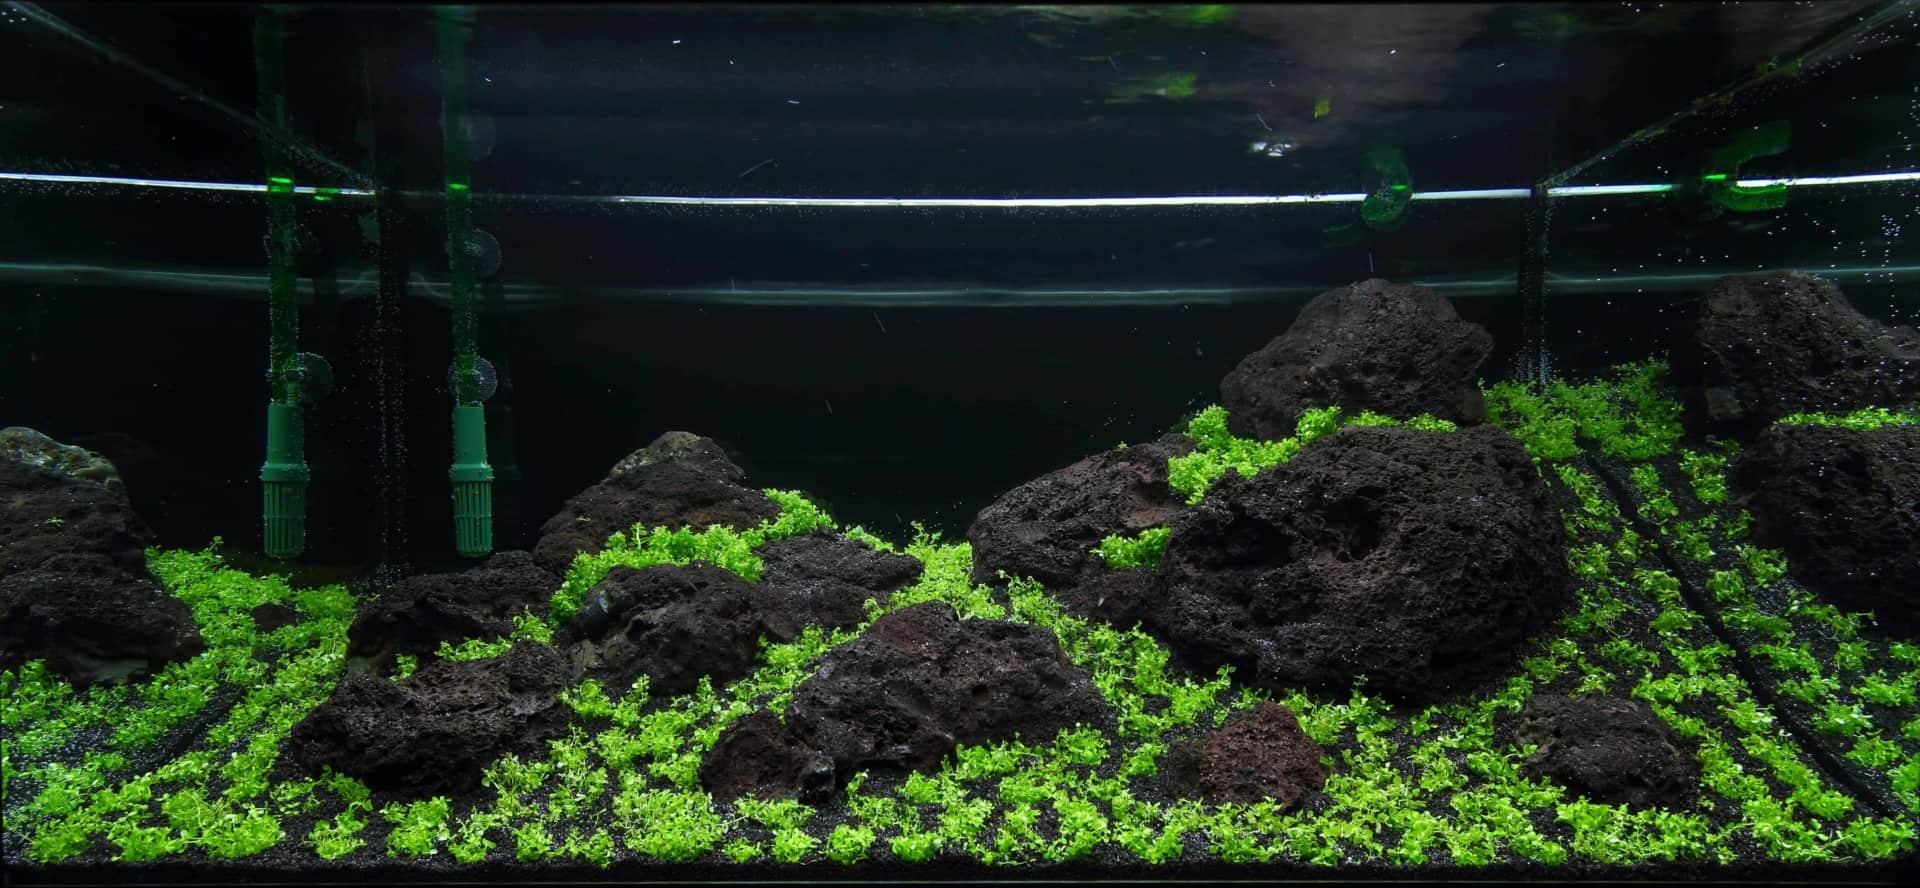 191 - The Art of the Planted Aquarium - Neuheiten und Möglichkeiten zum Mitmachen im April 2019 (Stefanie Hesse) 48